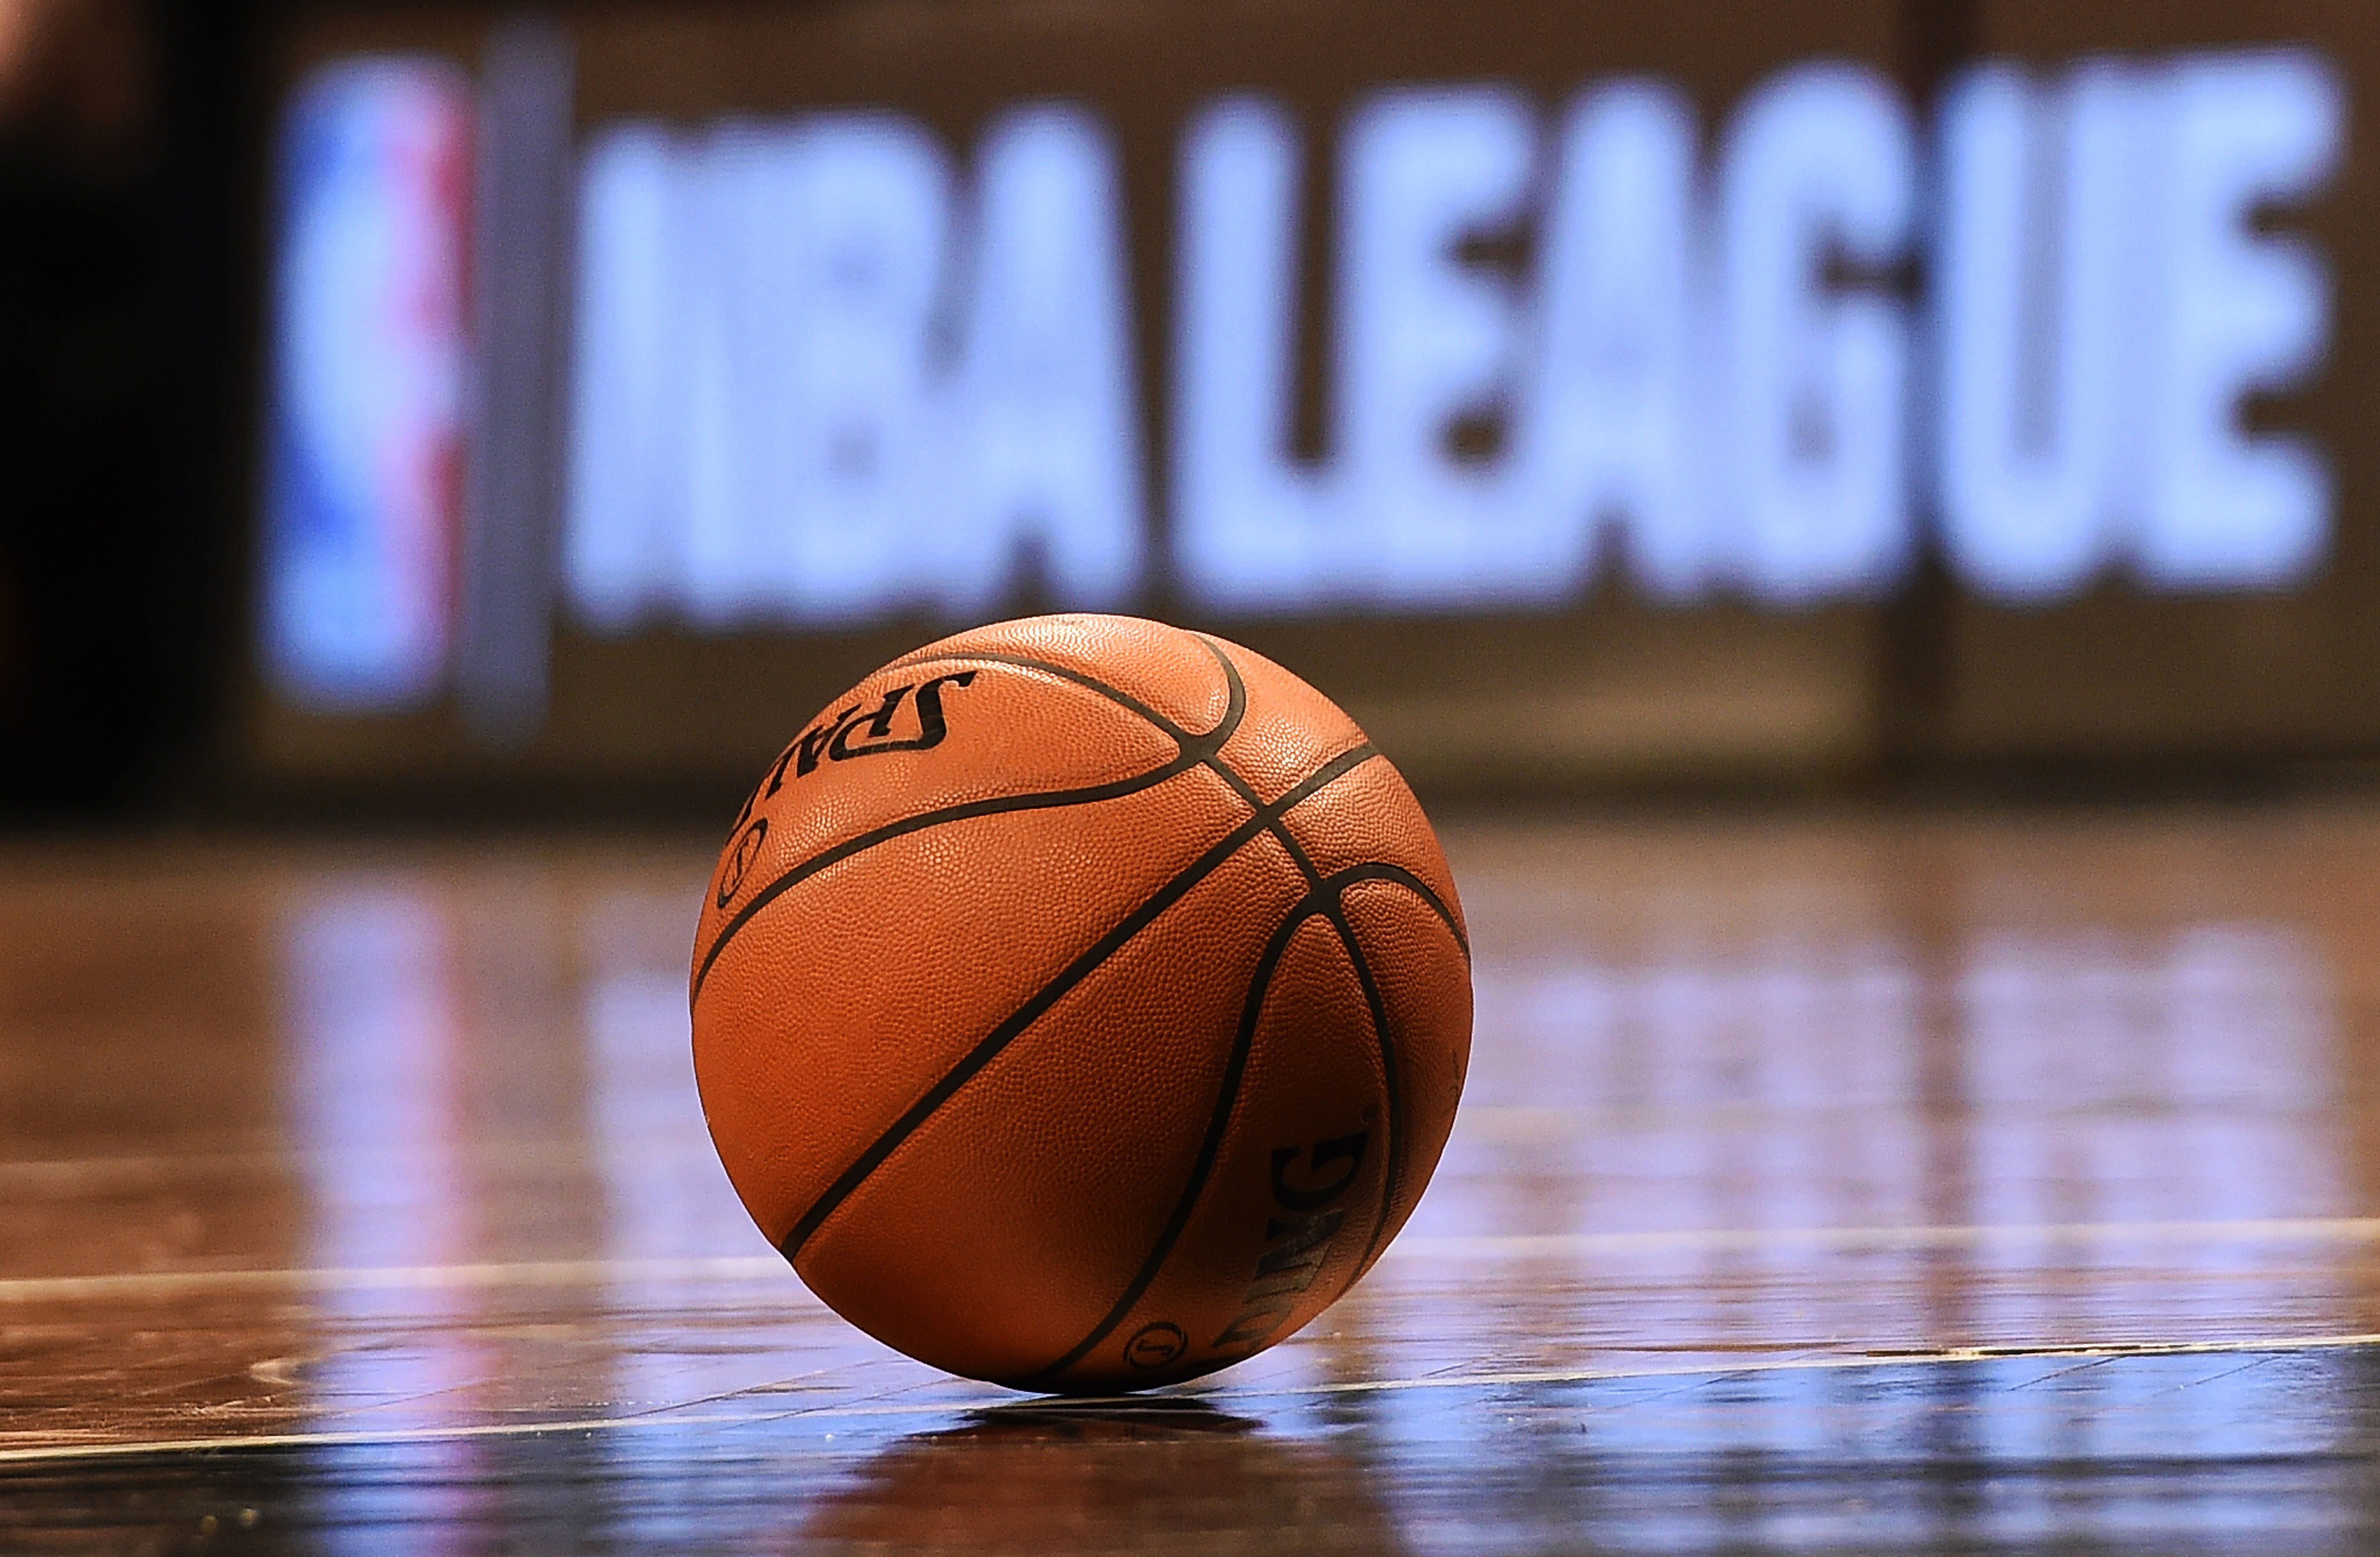 NBA basketball on court